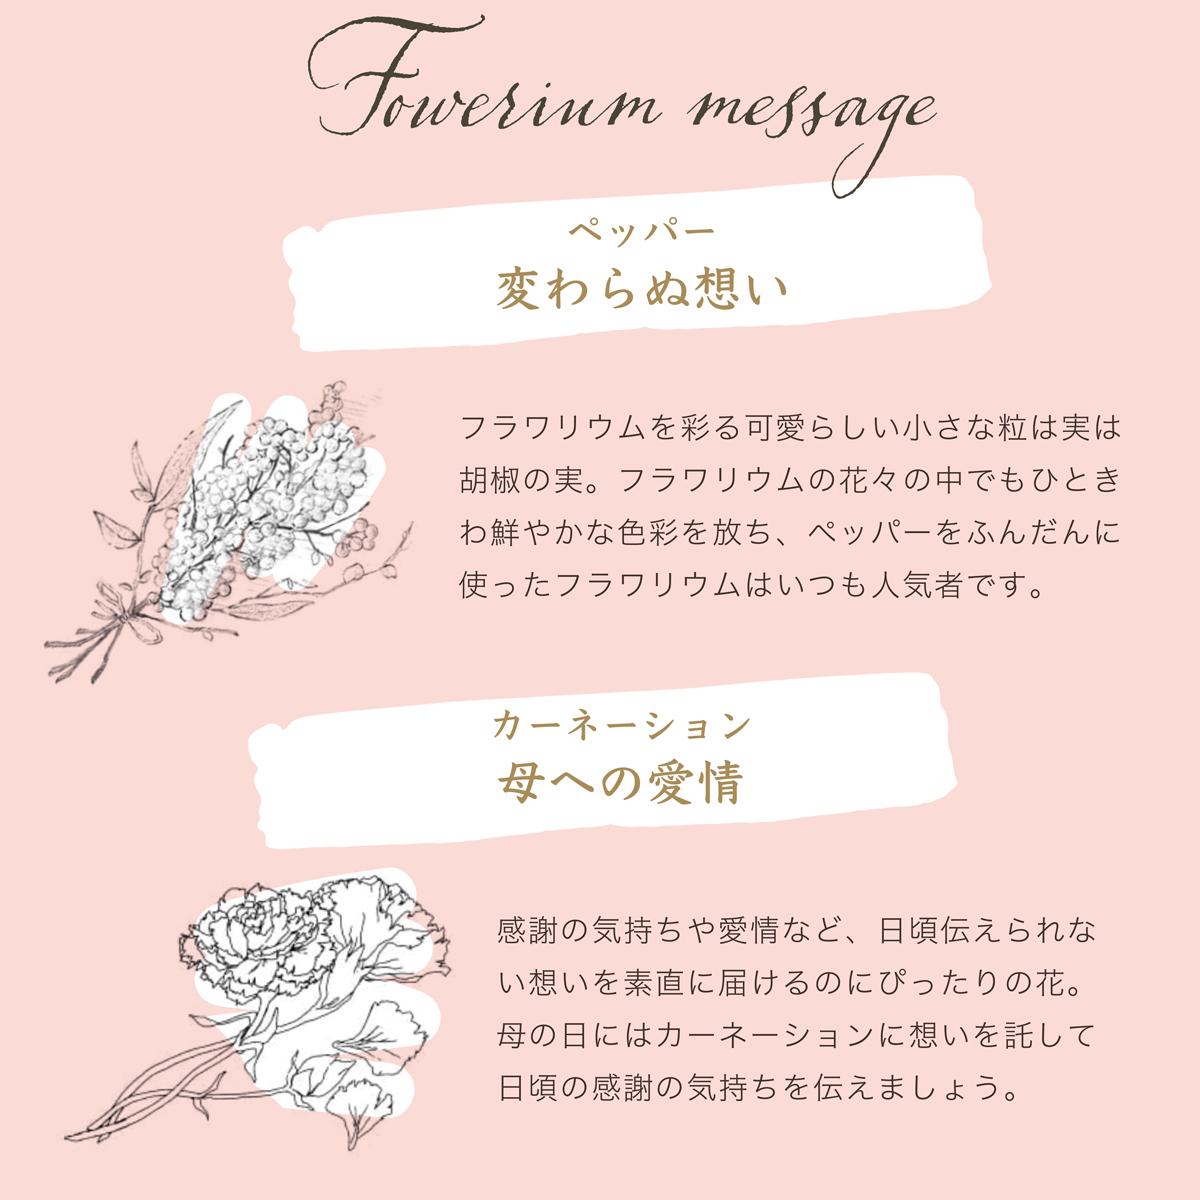 フラワリウム ハーバリウム 花 フラワーギフト 誕生日 プレゼント 贈り物 ソープフラワー ドライフラワー プリザーブドフラワー_画像7